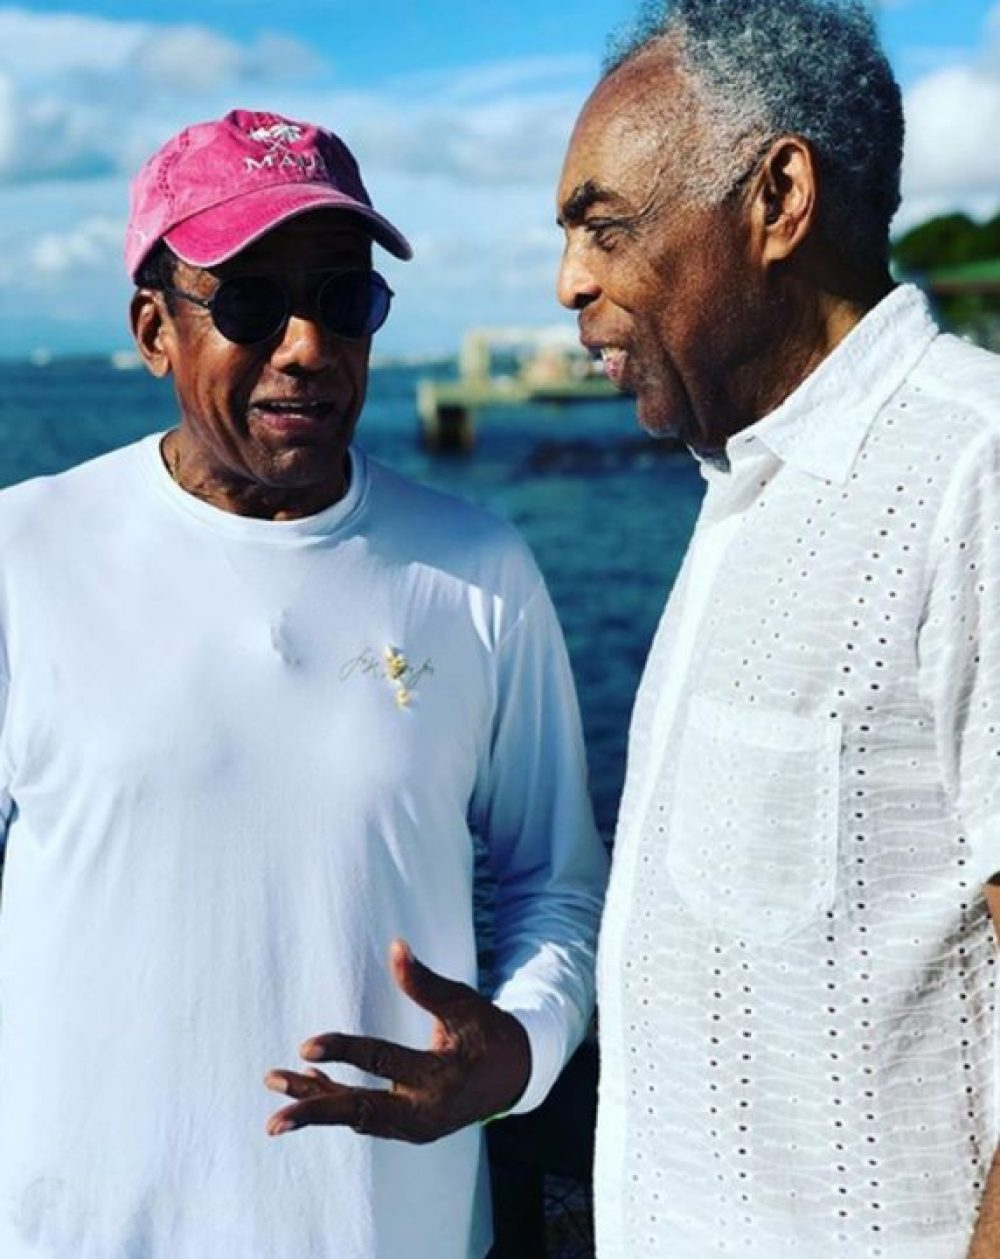 Jorge Ben Jor e Gilberto Gi converesando em pé, ambos com camiseta branca. Jorge Ben Jor usa oculos e um boné vermelho